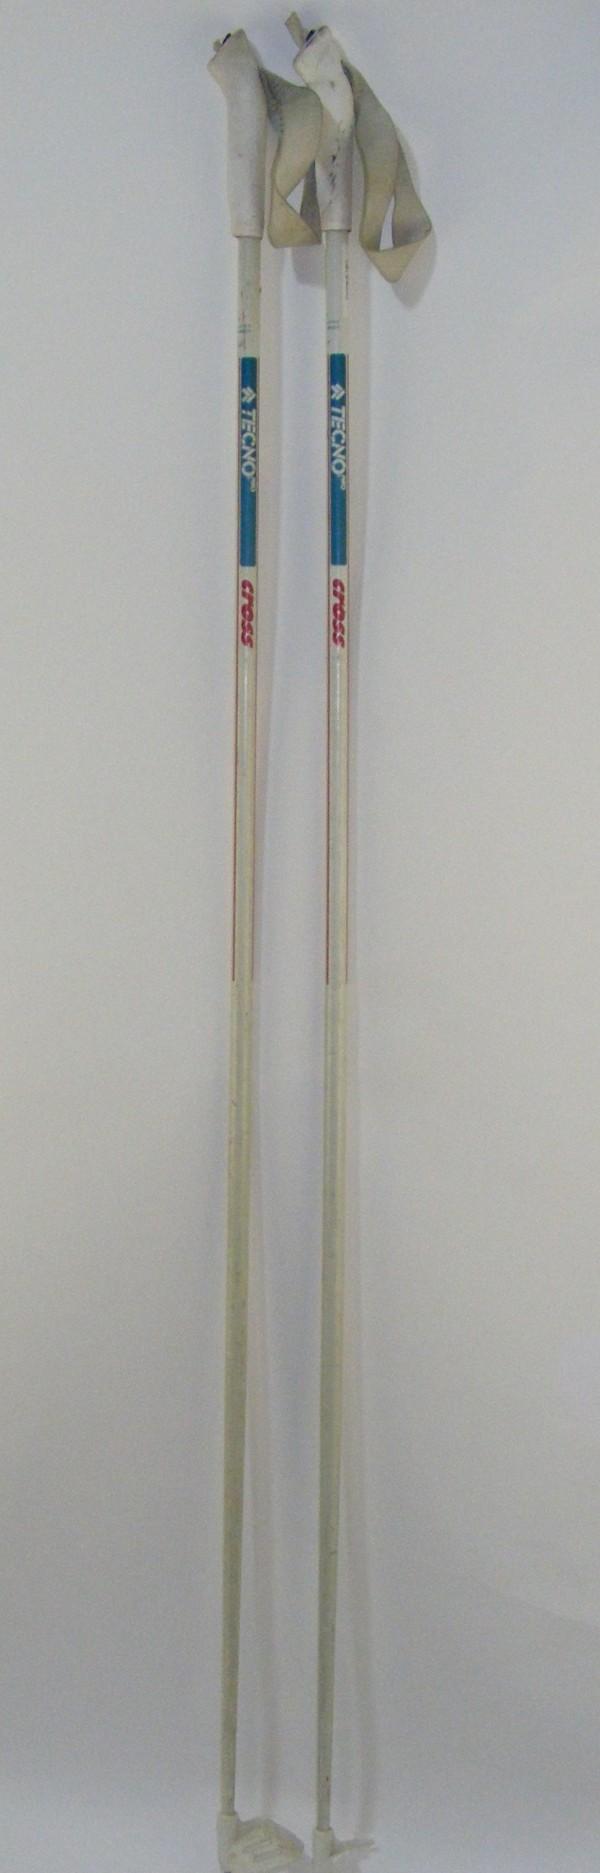 Tecno Cross sífutóbot (Szekszárd Kölcs)  - Méret: 145